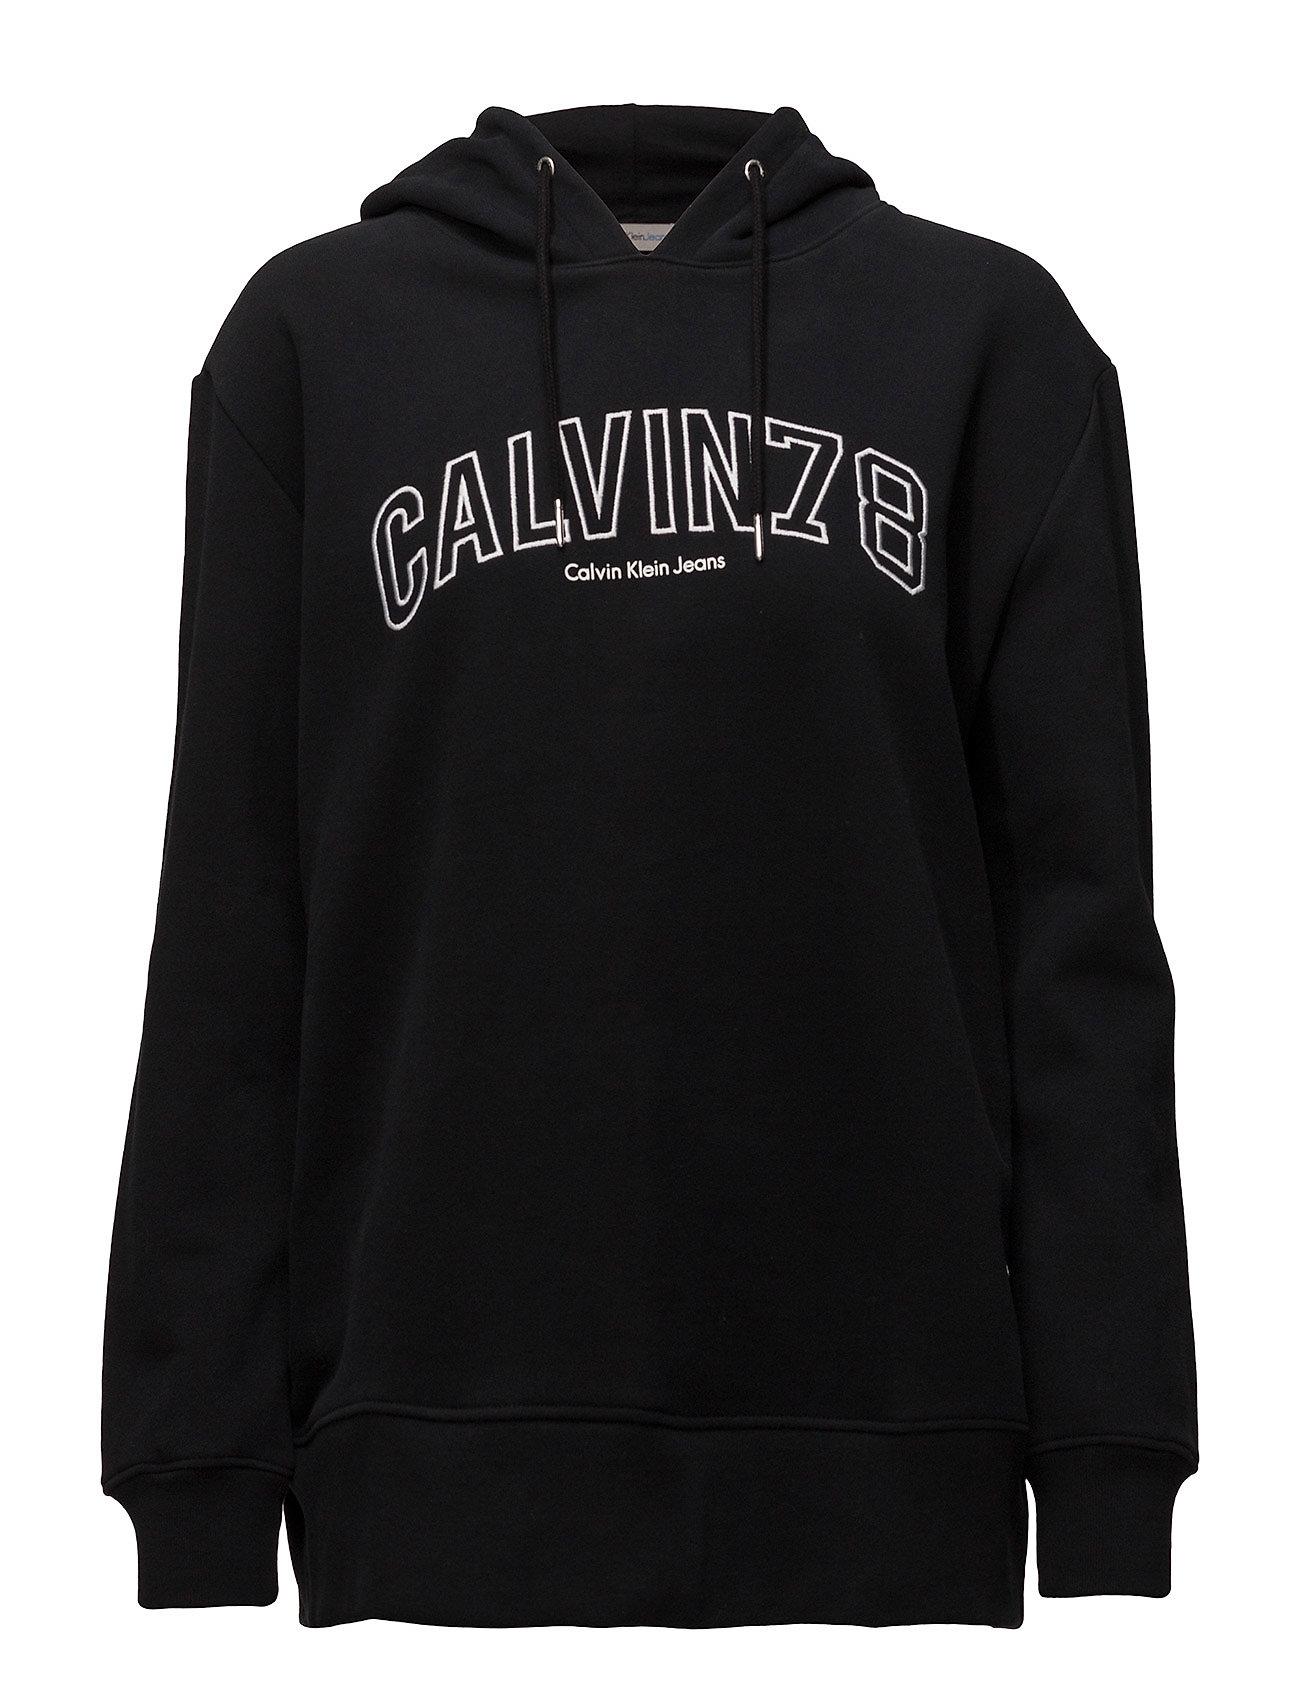 loose fit hoodie pullover 78 ck black. Black Bedroom Furniture Sets. Home Design Ideas